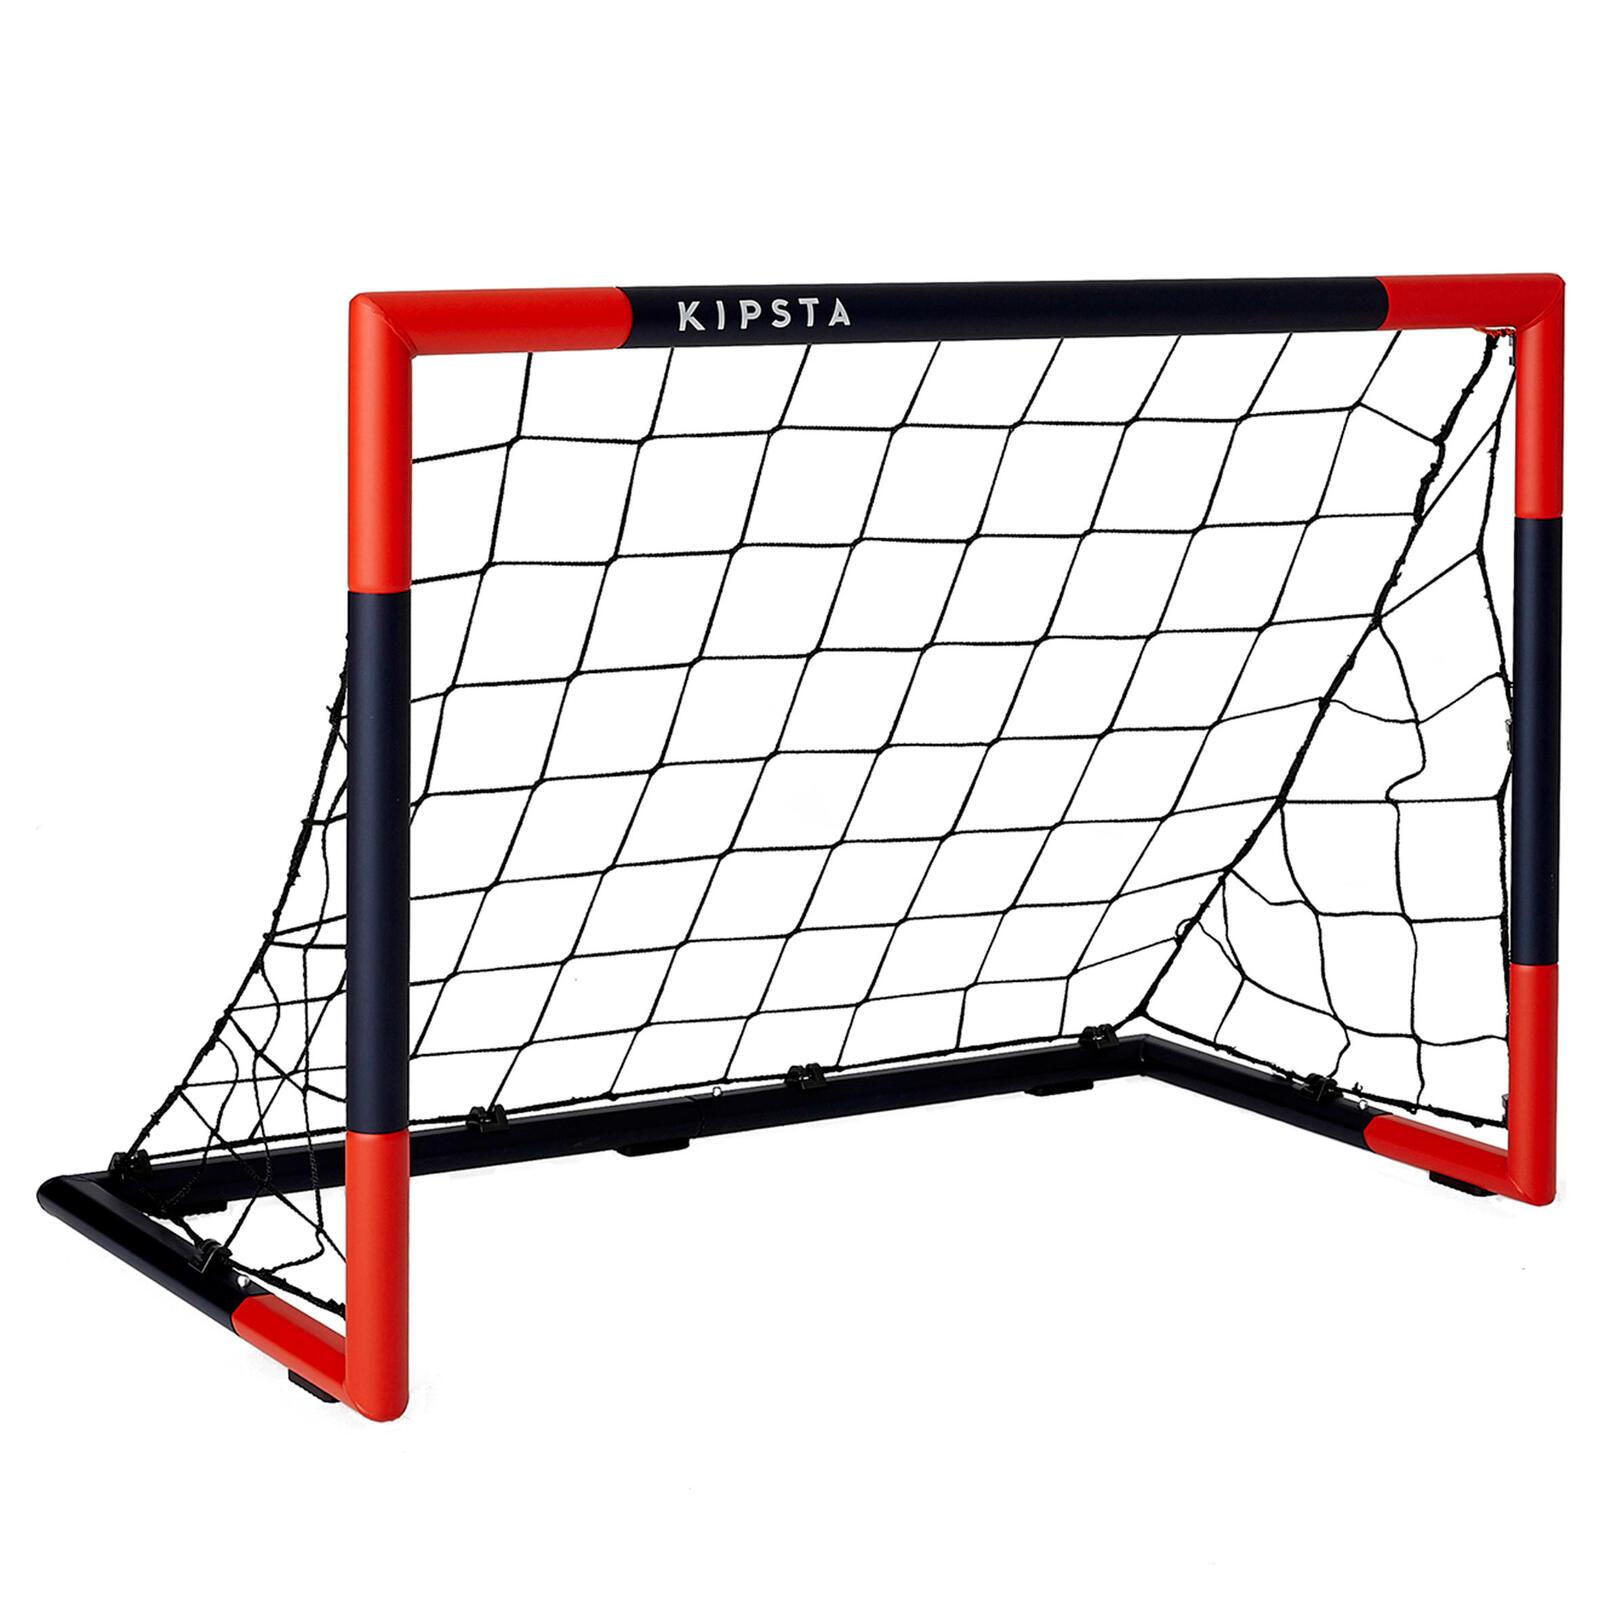 Football goal SG 500 size S